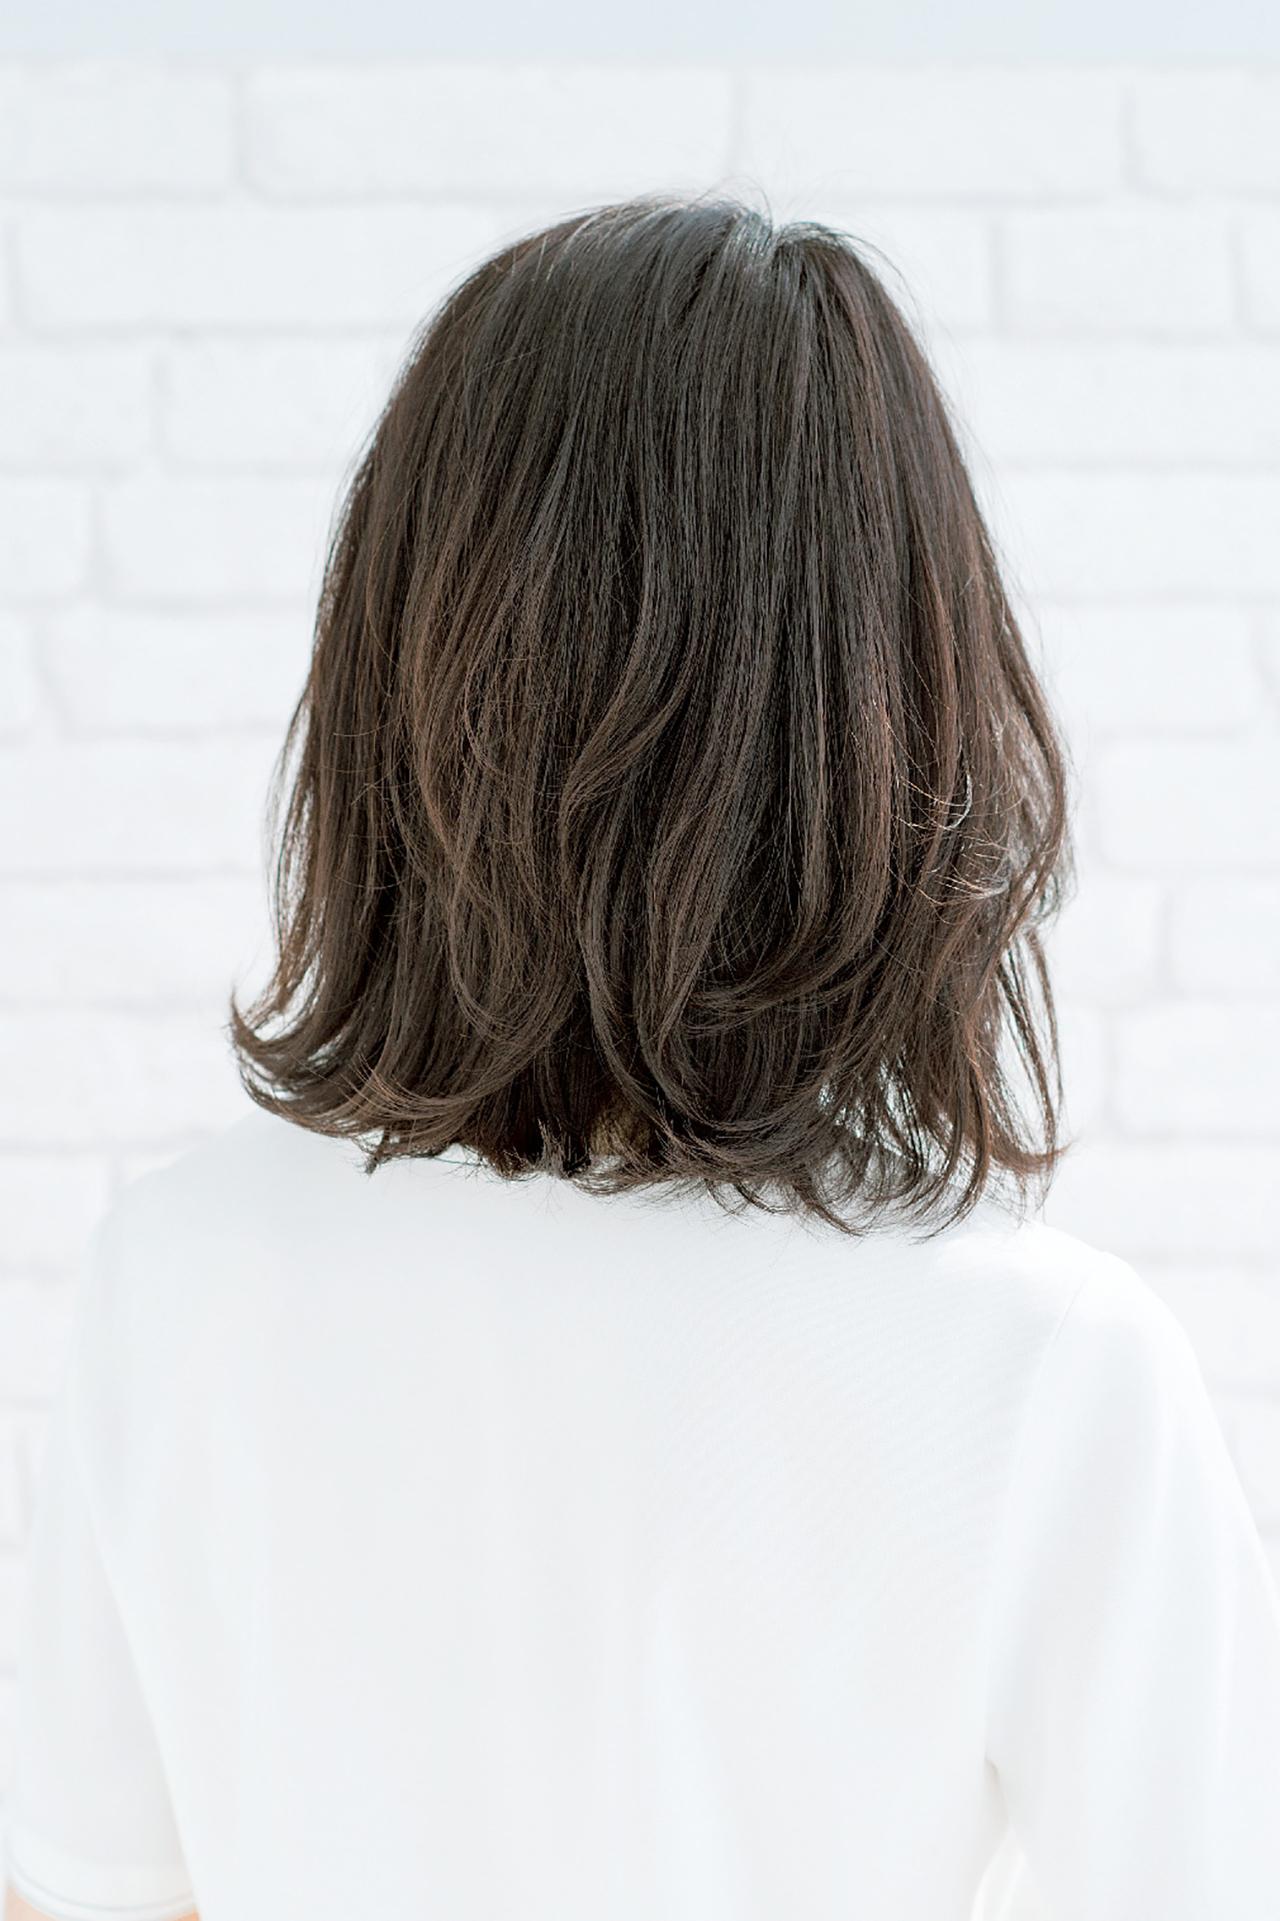 清潔なセンシュアリティが魅力な、大人のミディアムヘア 五選_1_2-1